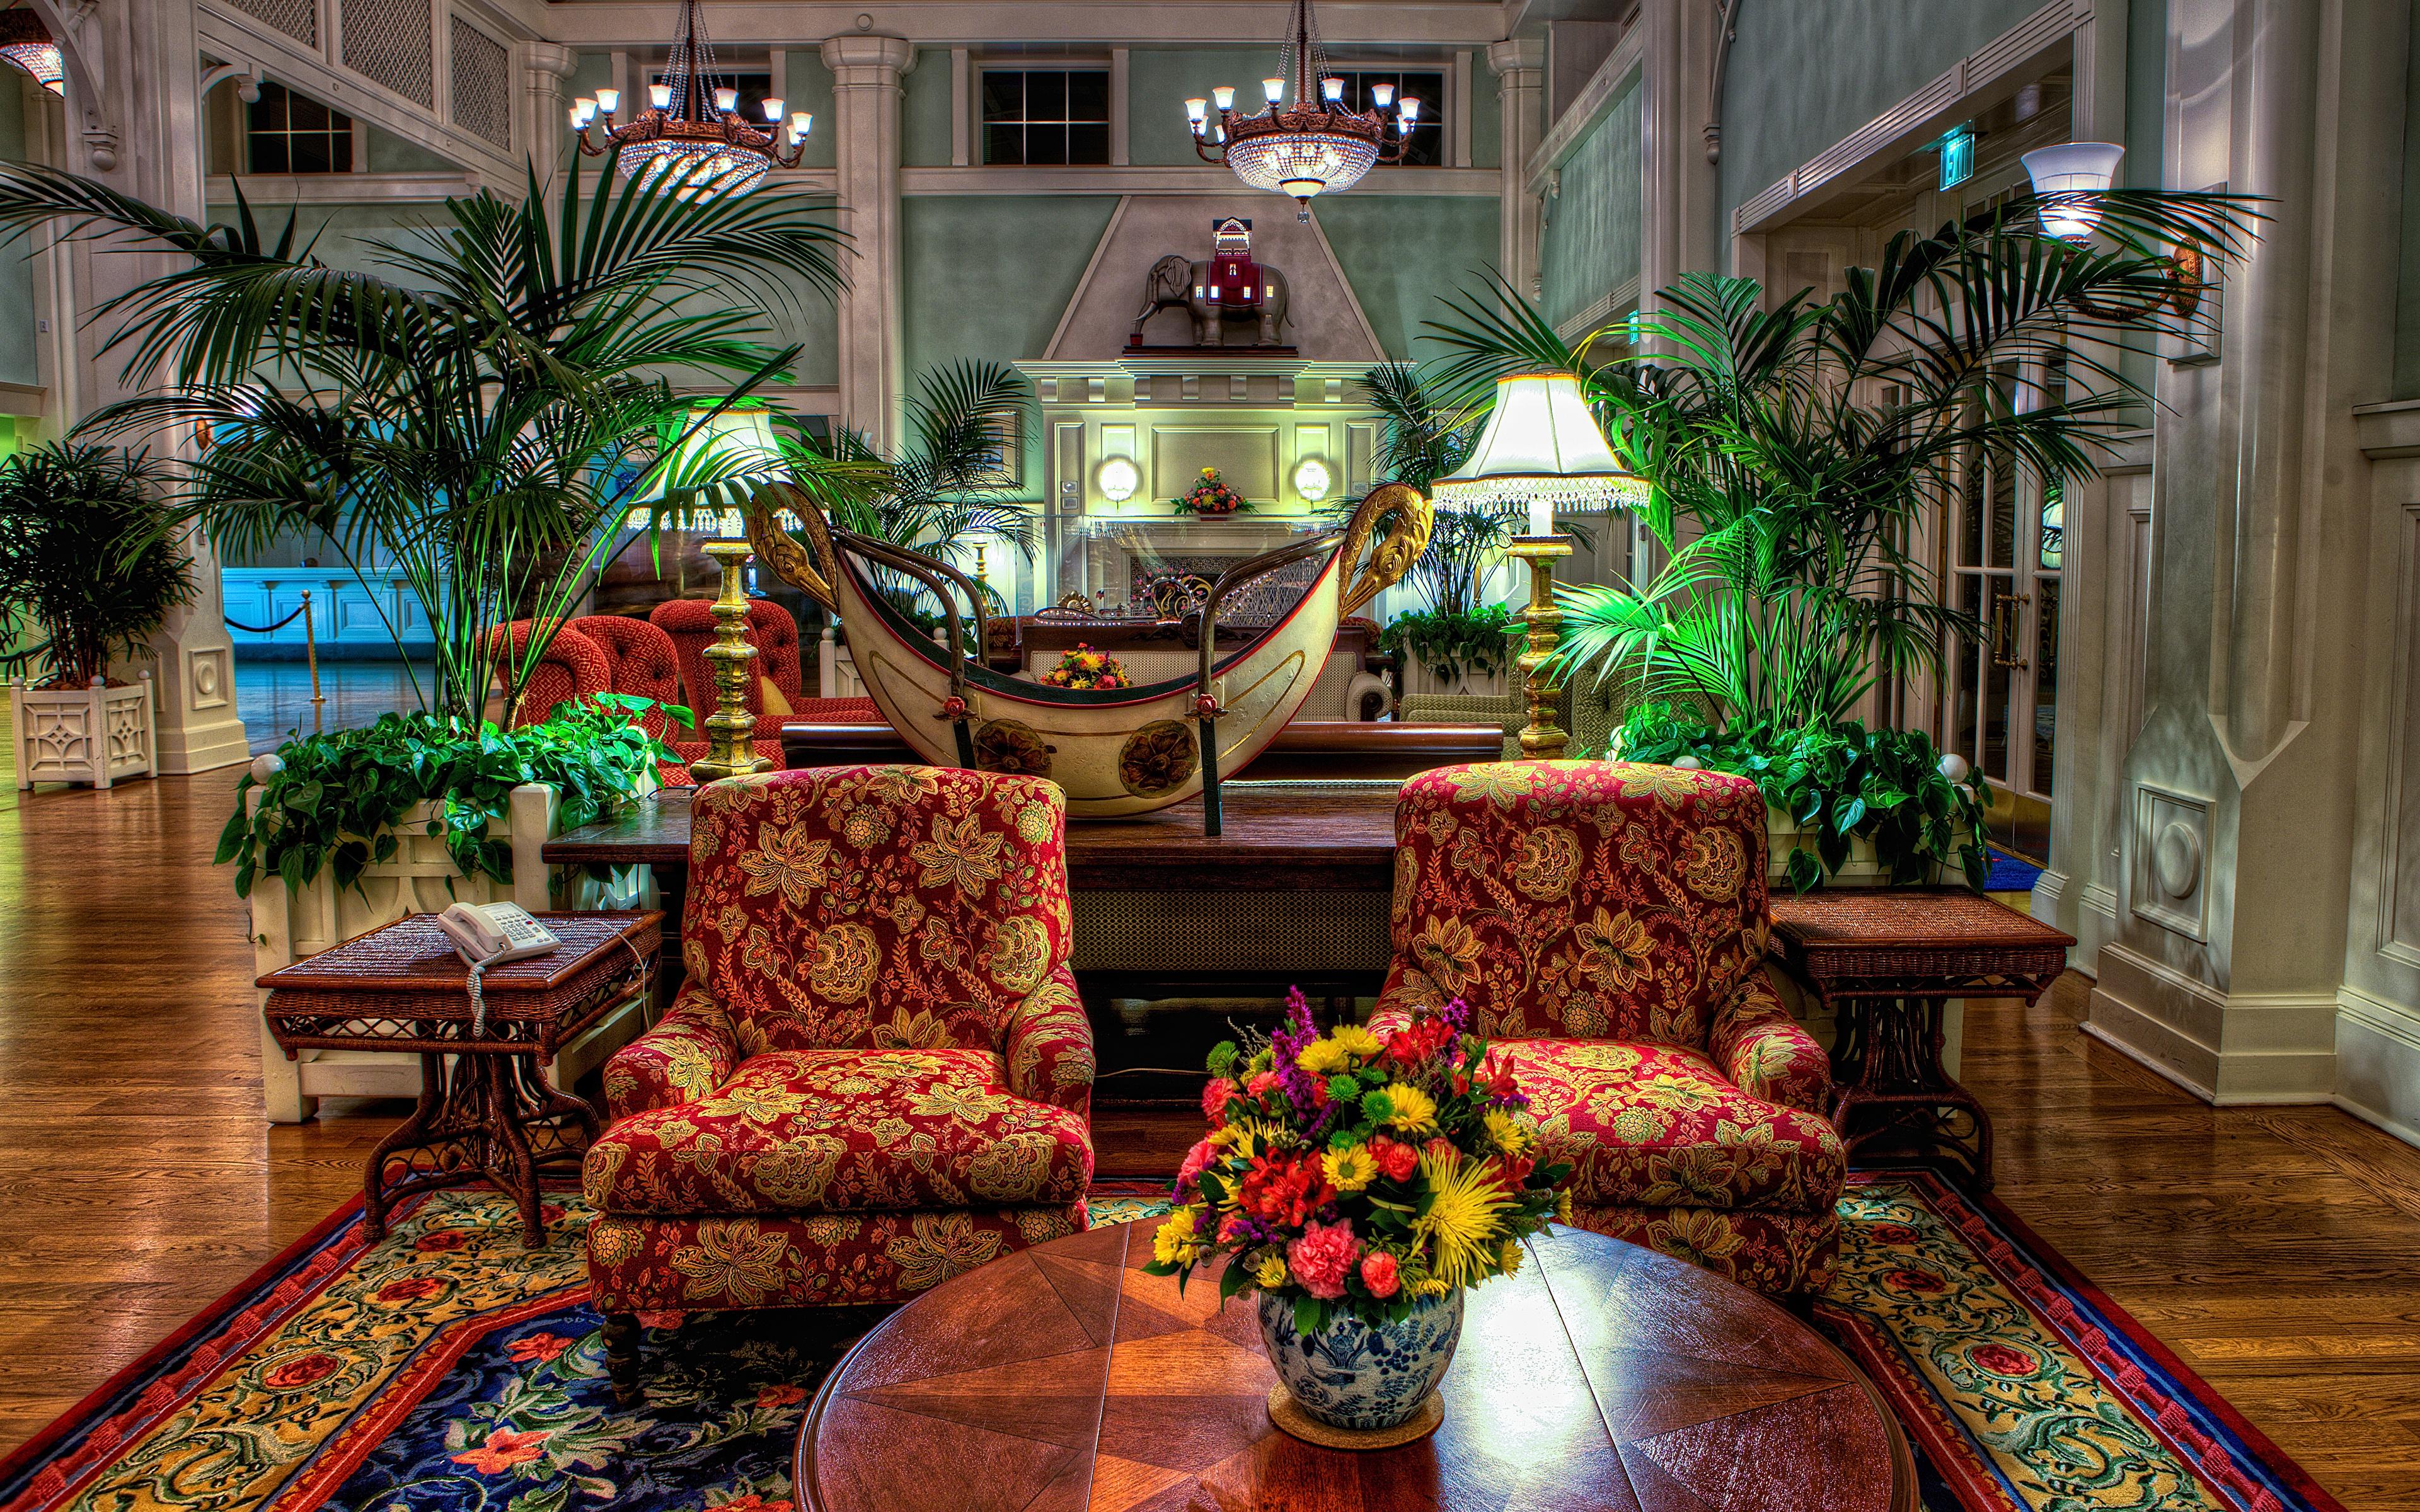 Фотография Диснейленд США HDR парк Интерьер Кресло Дизайн 3840x2400 штаты америка HDRI Парки дизайна